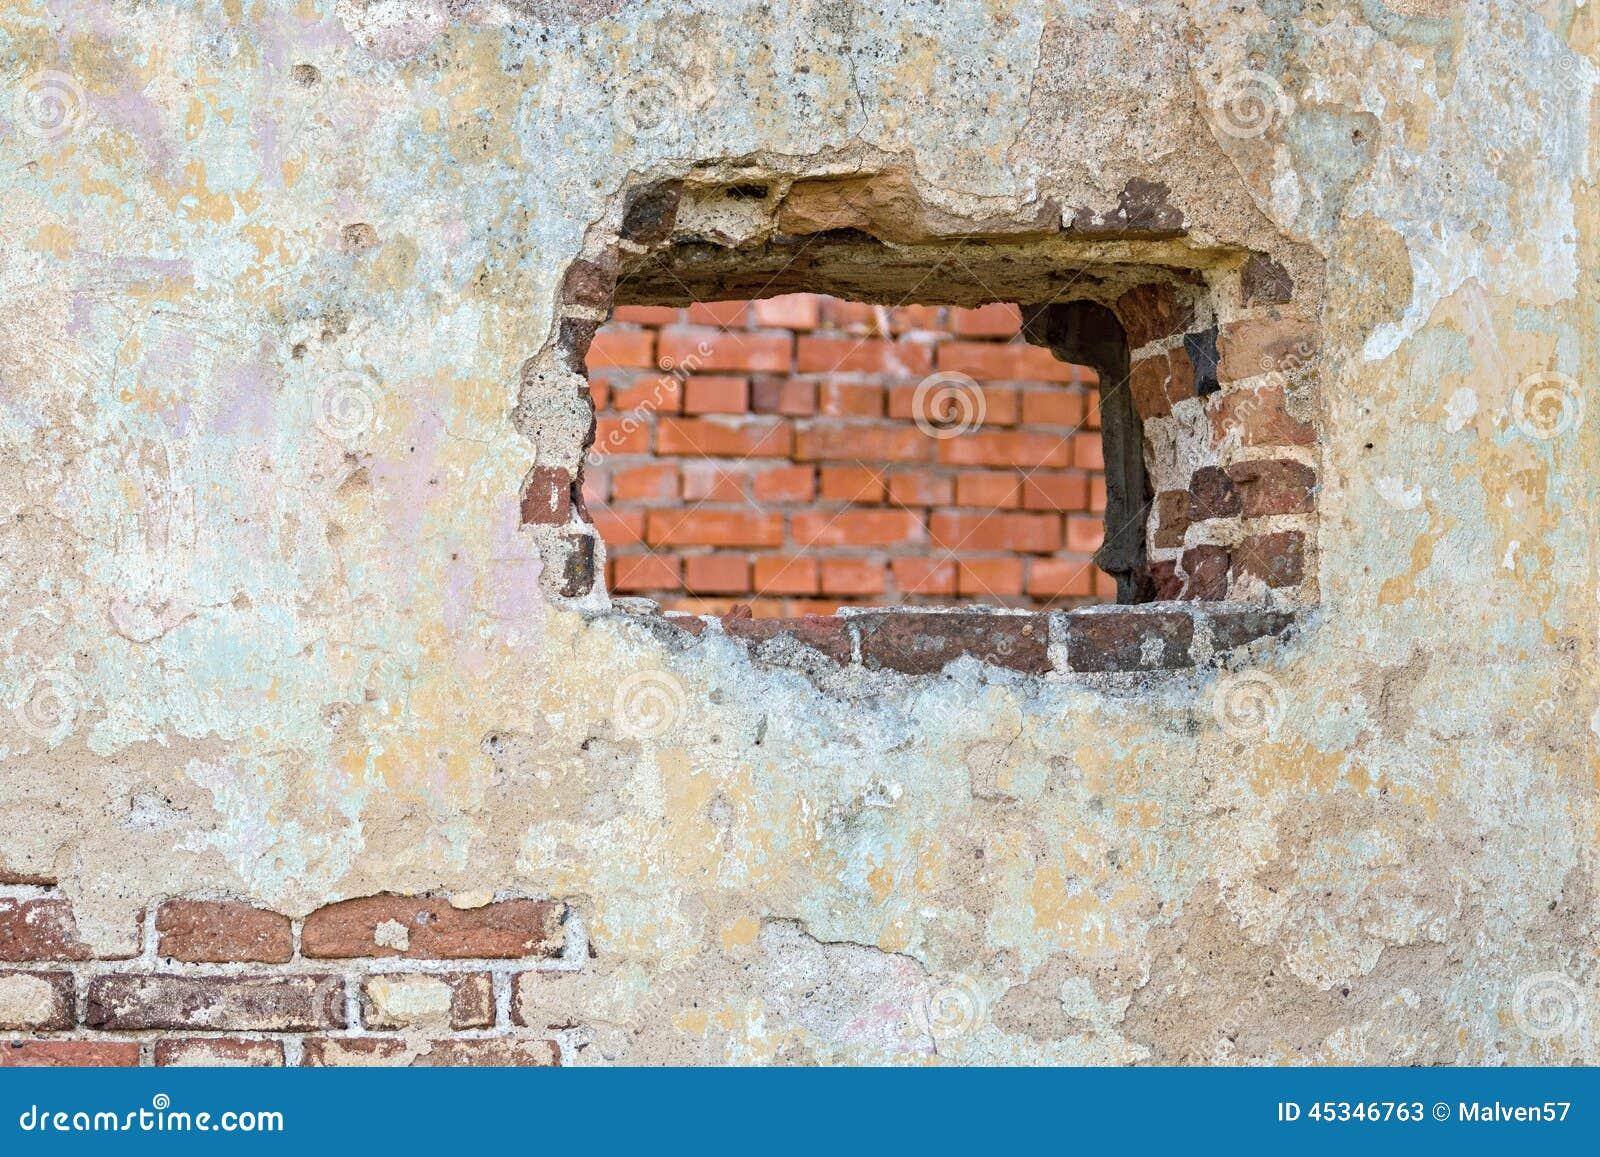 La pared enyesada con un agujero foto de archivo imagen - Agujero en la pared ...